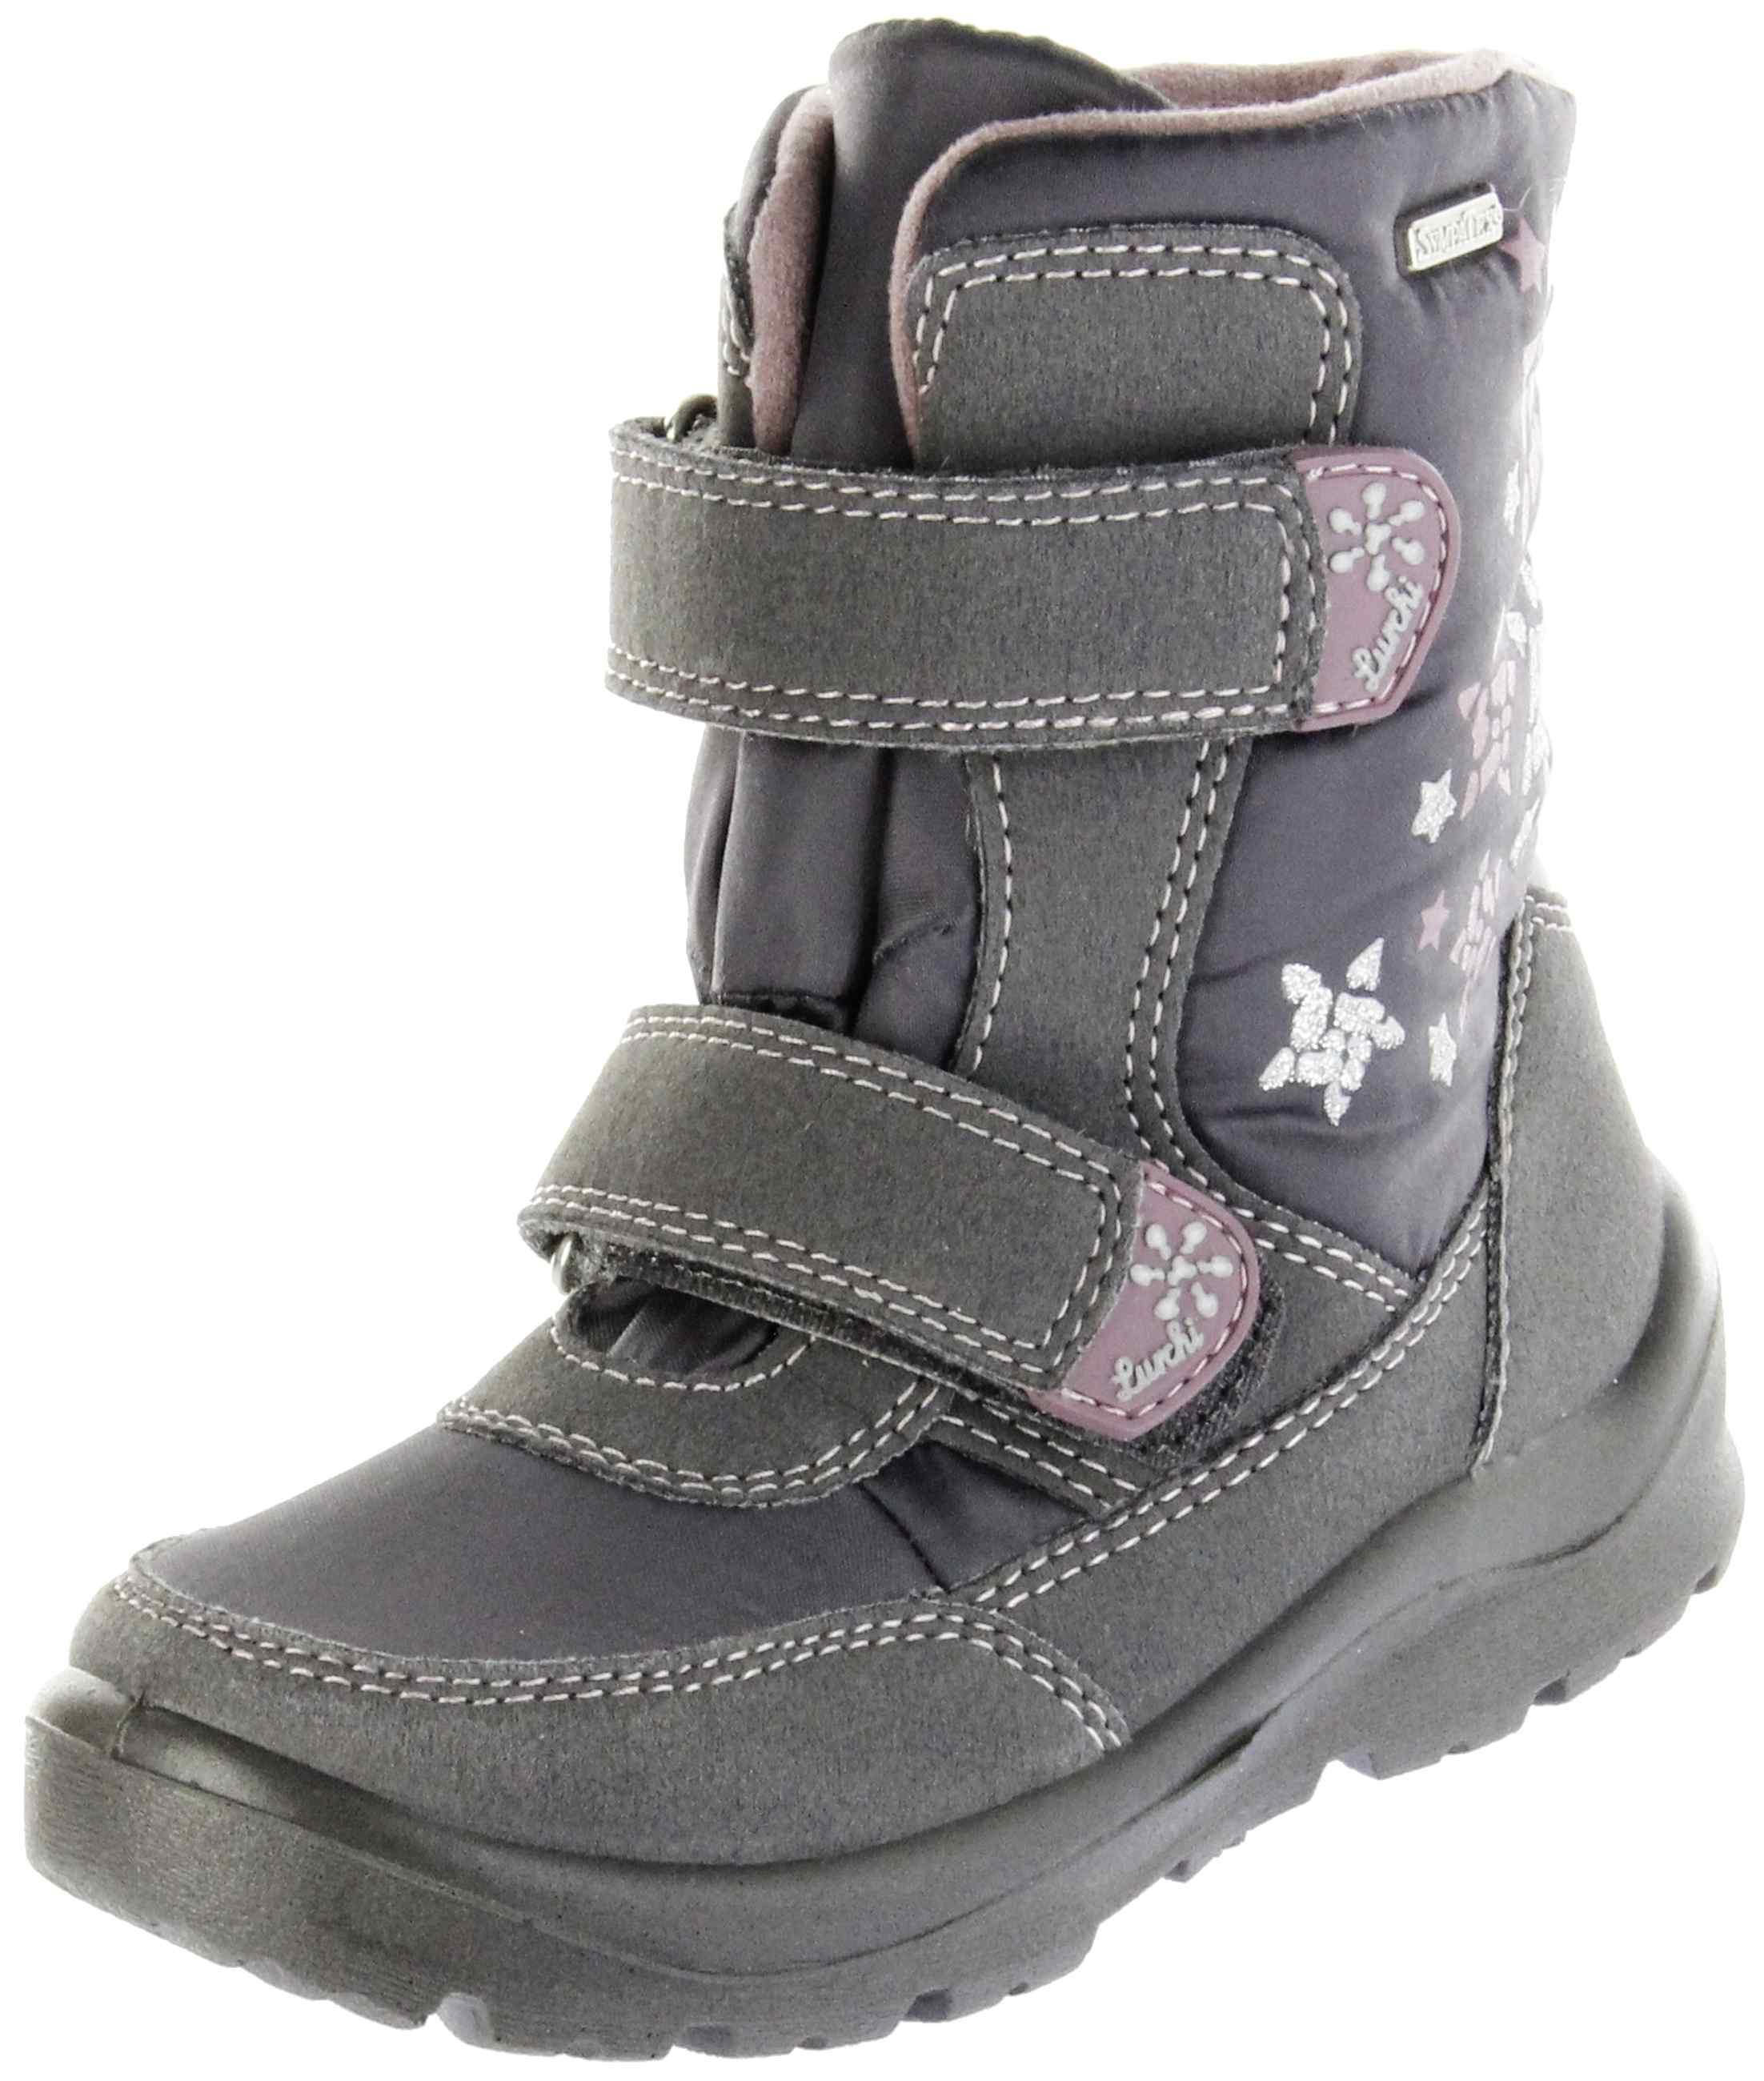 new concept 57260 4cad8 Lurchi Kinder Winterstiefel grau SympaTex Mädchen Schuhe 33-31017-69 steel  dk. pink KELLY-TEX